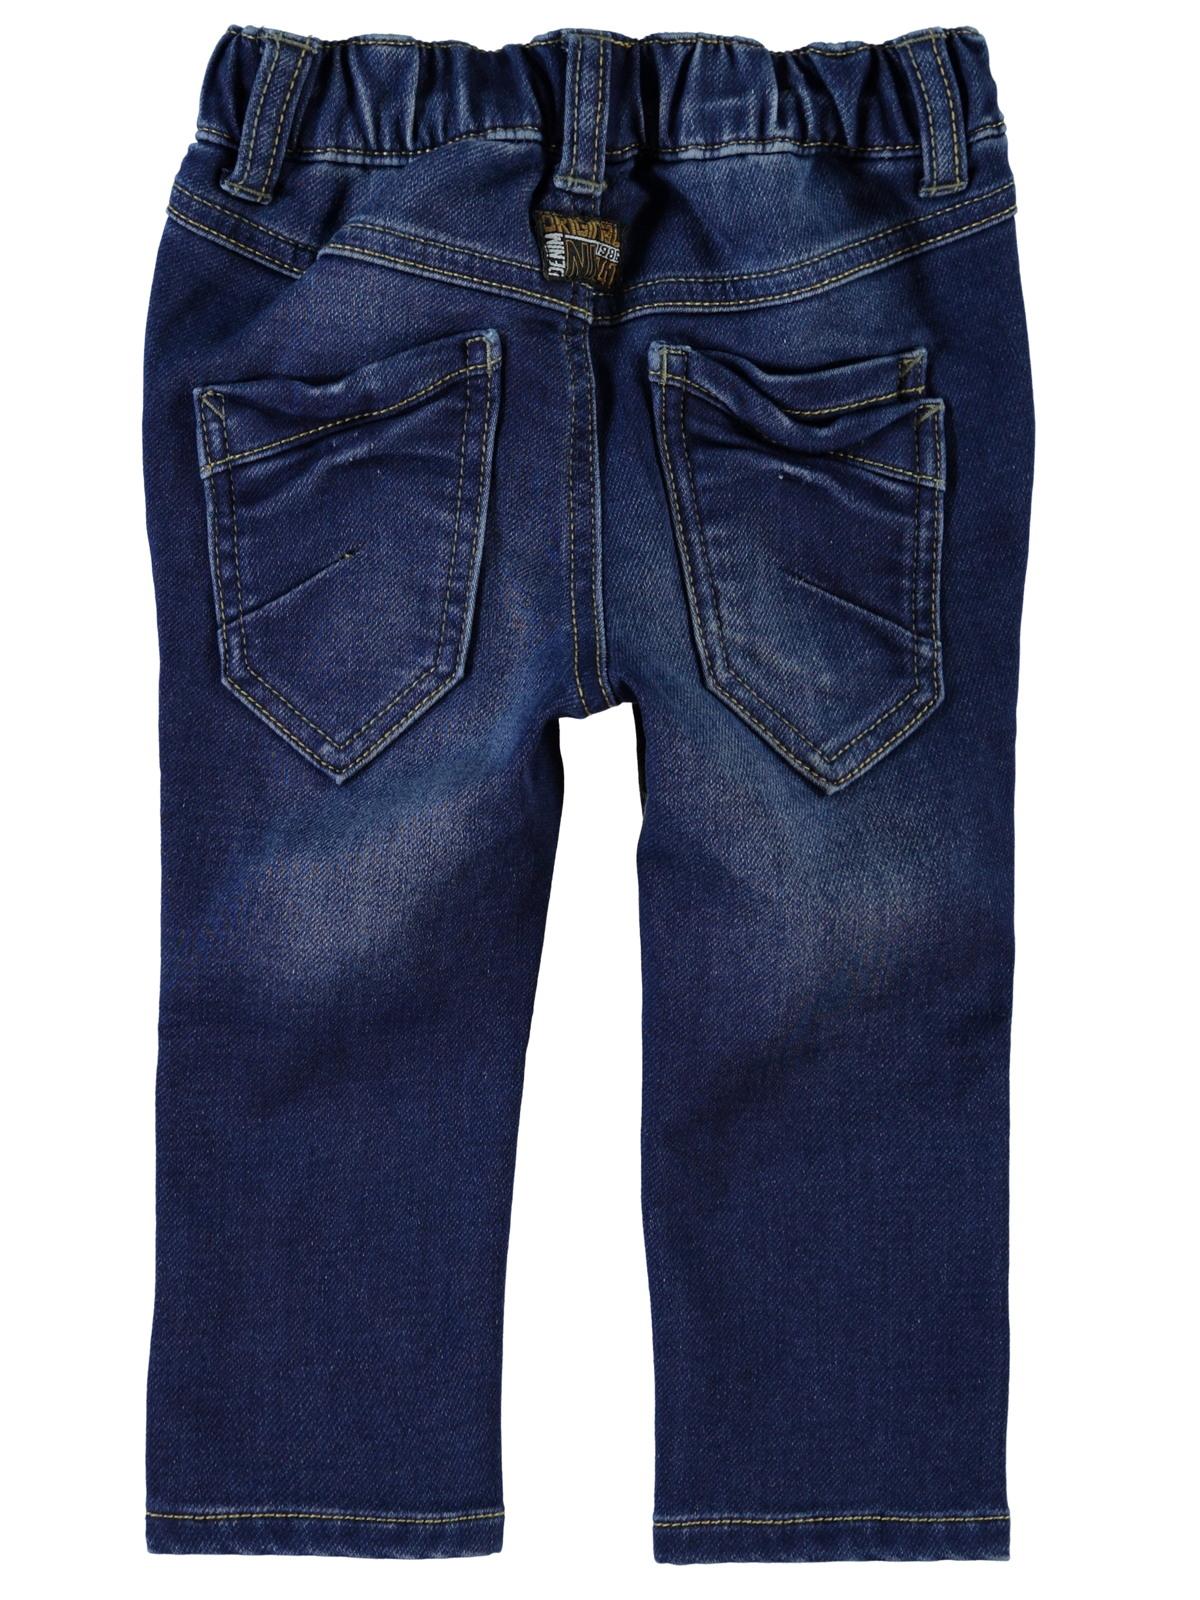 name it jungen kinder jeans hose slim fit nittin kinder jeans. Black Bedroom Furniture Sets. Home Design Ideas